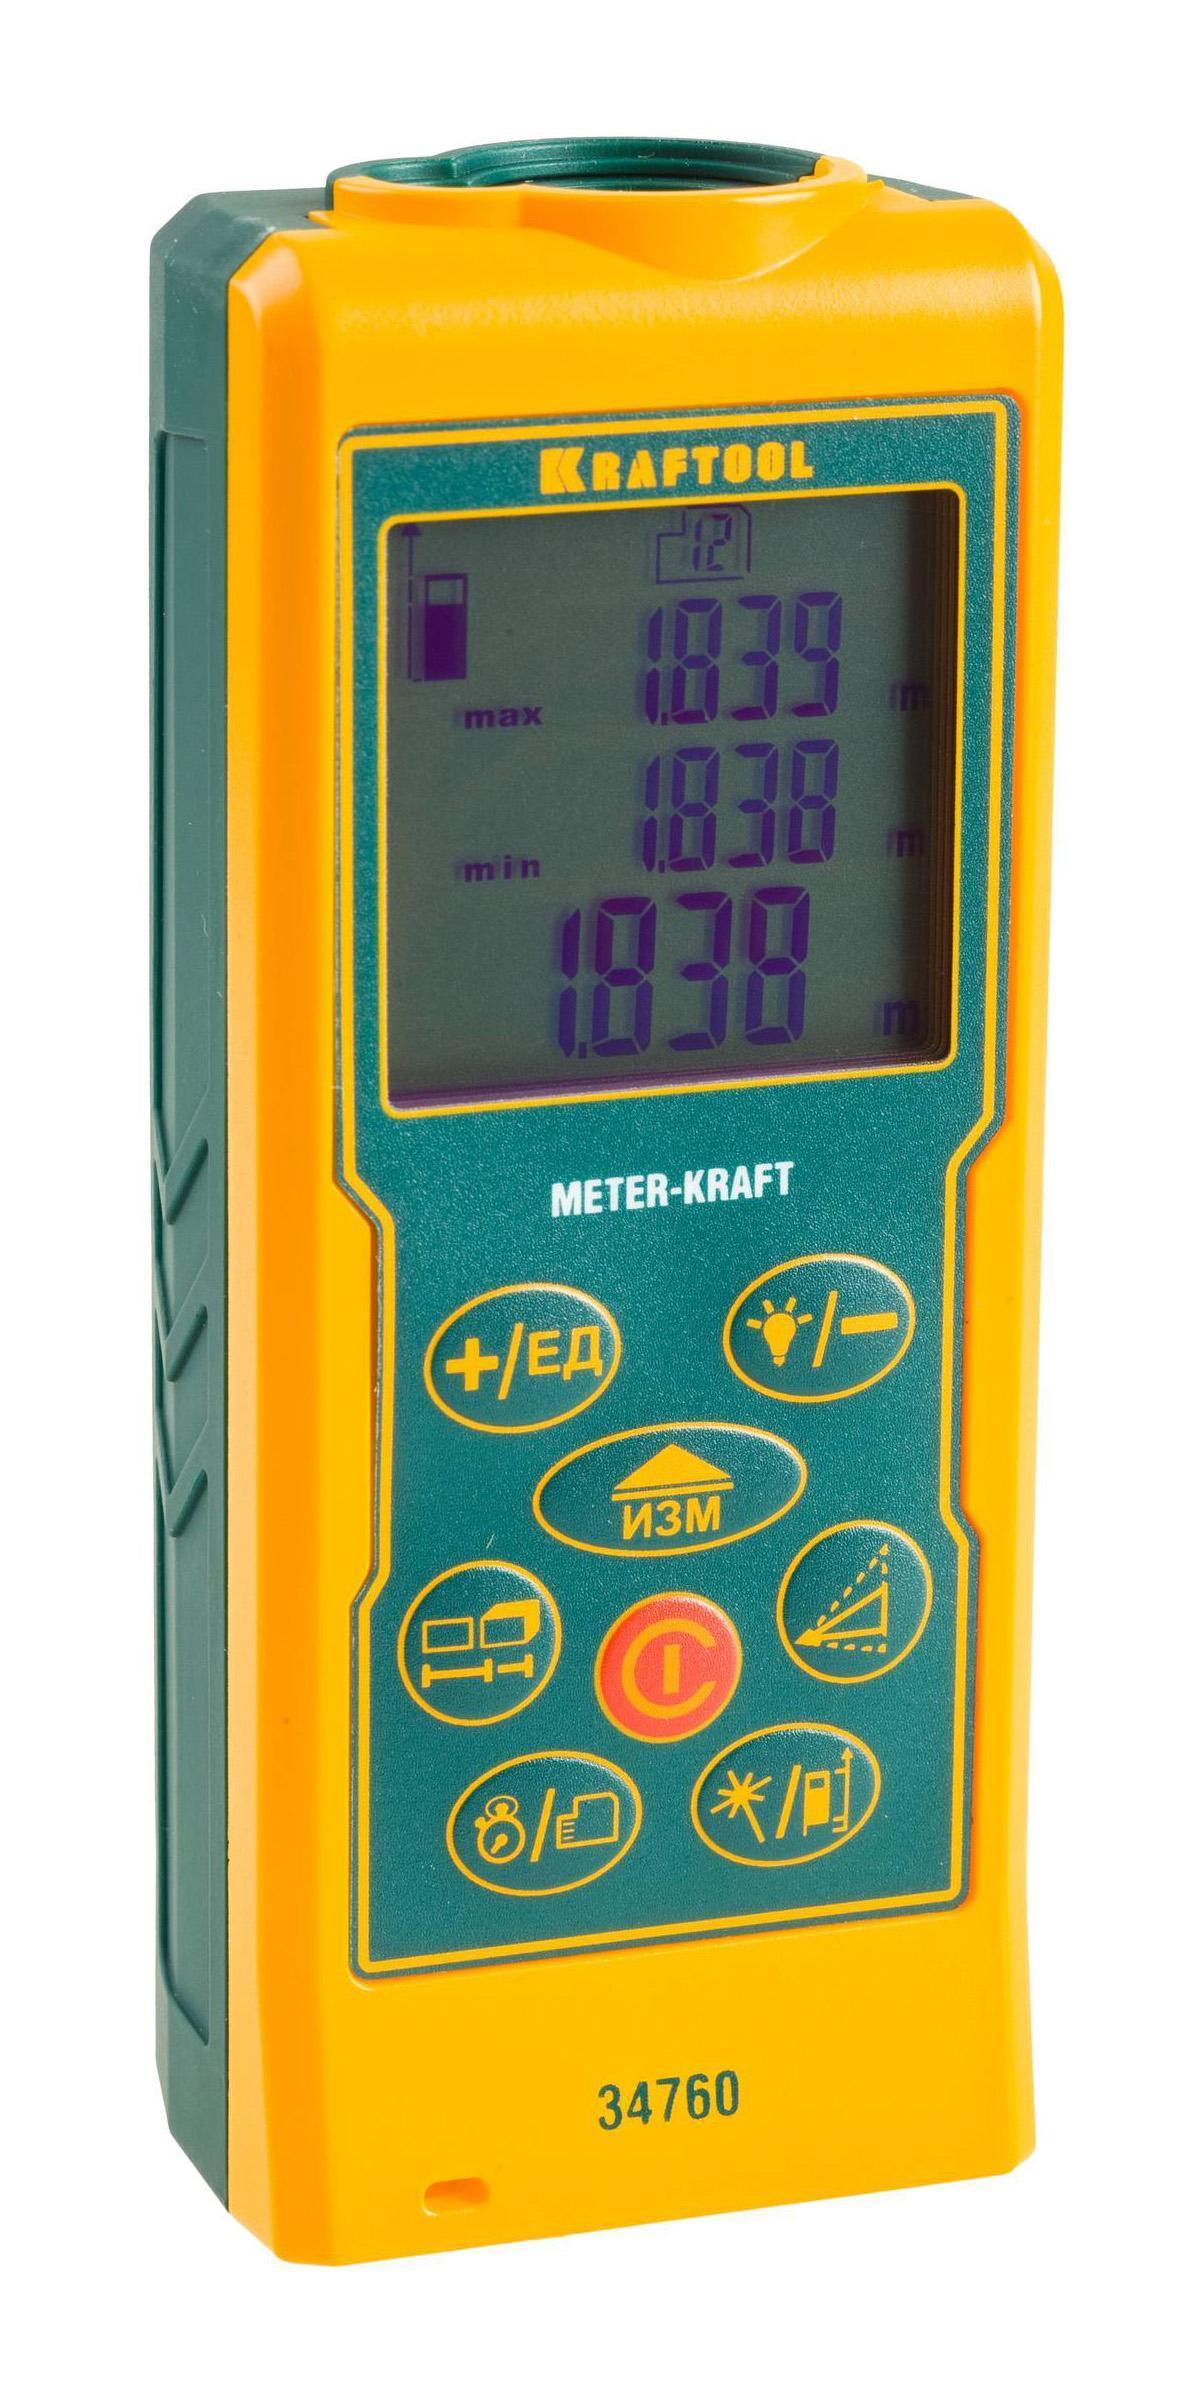 Дальномер KraftoolДальномеры<br>Дальность: 70,<br>Точность: ±1.5мм,<br>Тип: лазерный,<br>Длина волны: 650,<br>Источники питания: AA<br>